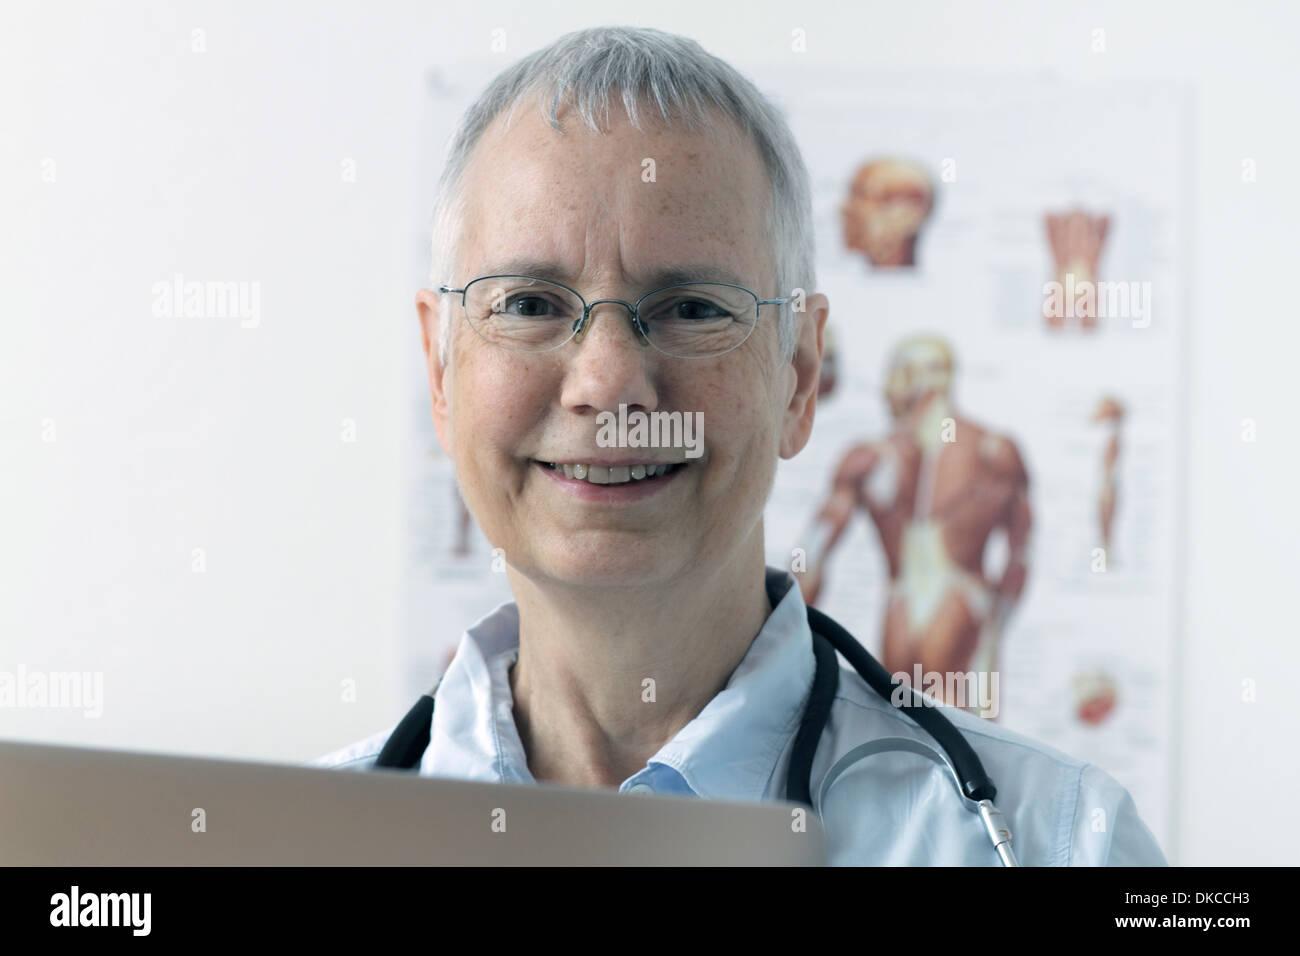 Una mujer reír doc con un músculo humano persona póster en el fondo y un portátil Imagen De Stock